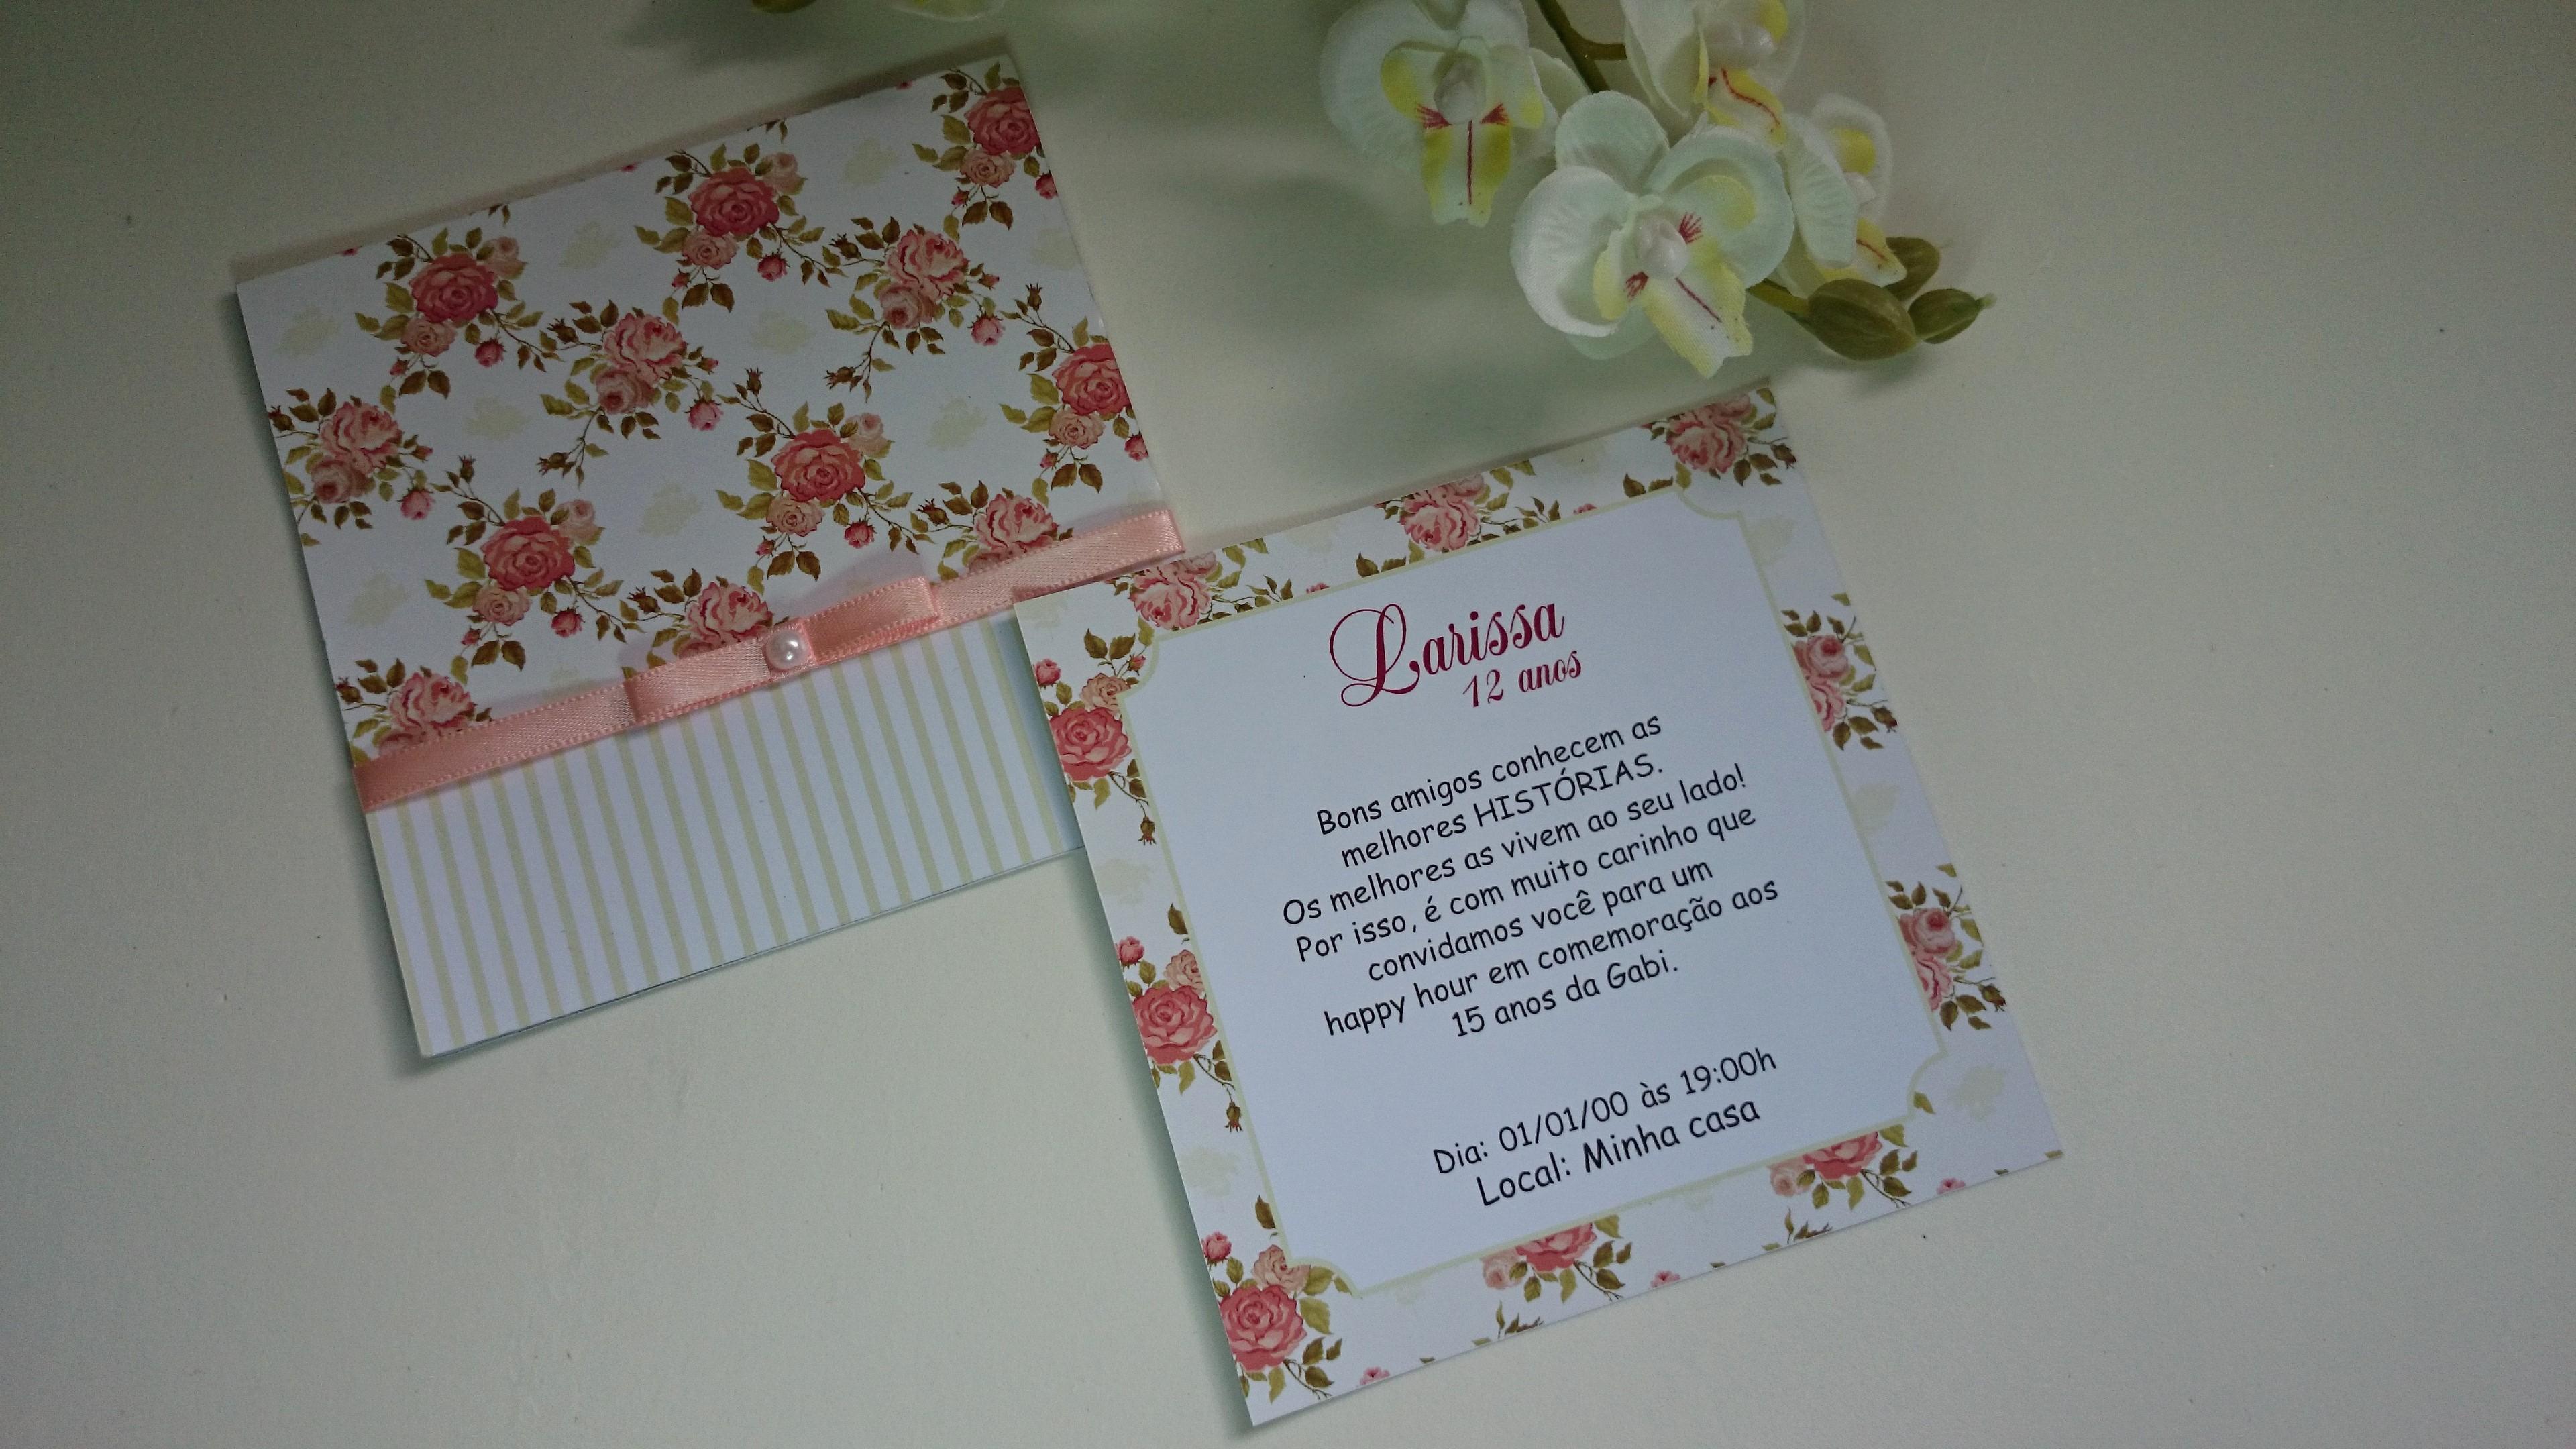 Moldes Para Convites De Aniversario Elegant Convite Aniversário E 15 Anos Floral Li Feito à Mão